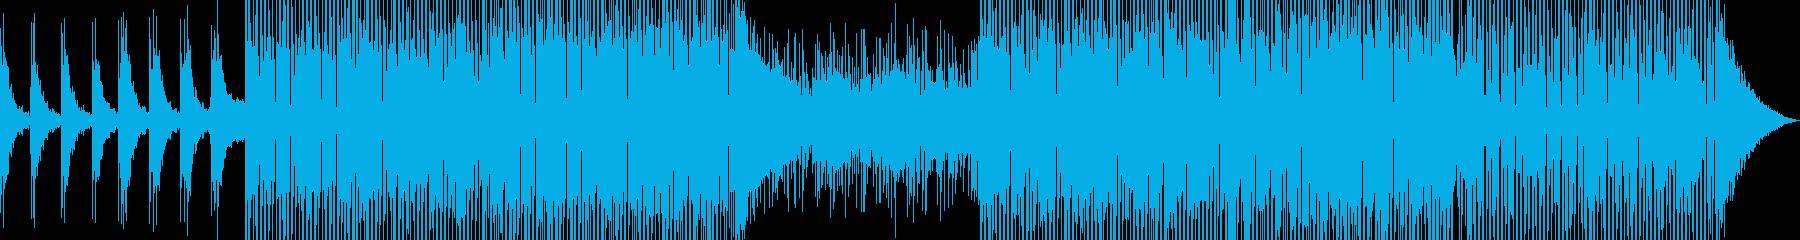 ハウス ダンス プログレッシブ お...の再生済みの波形